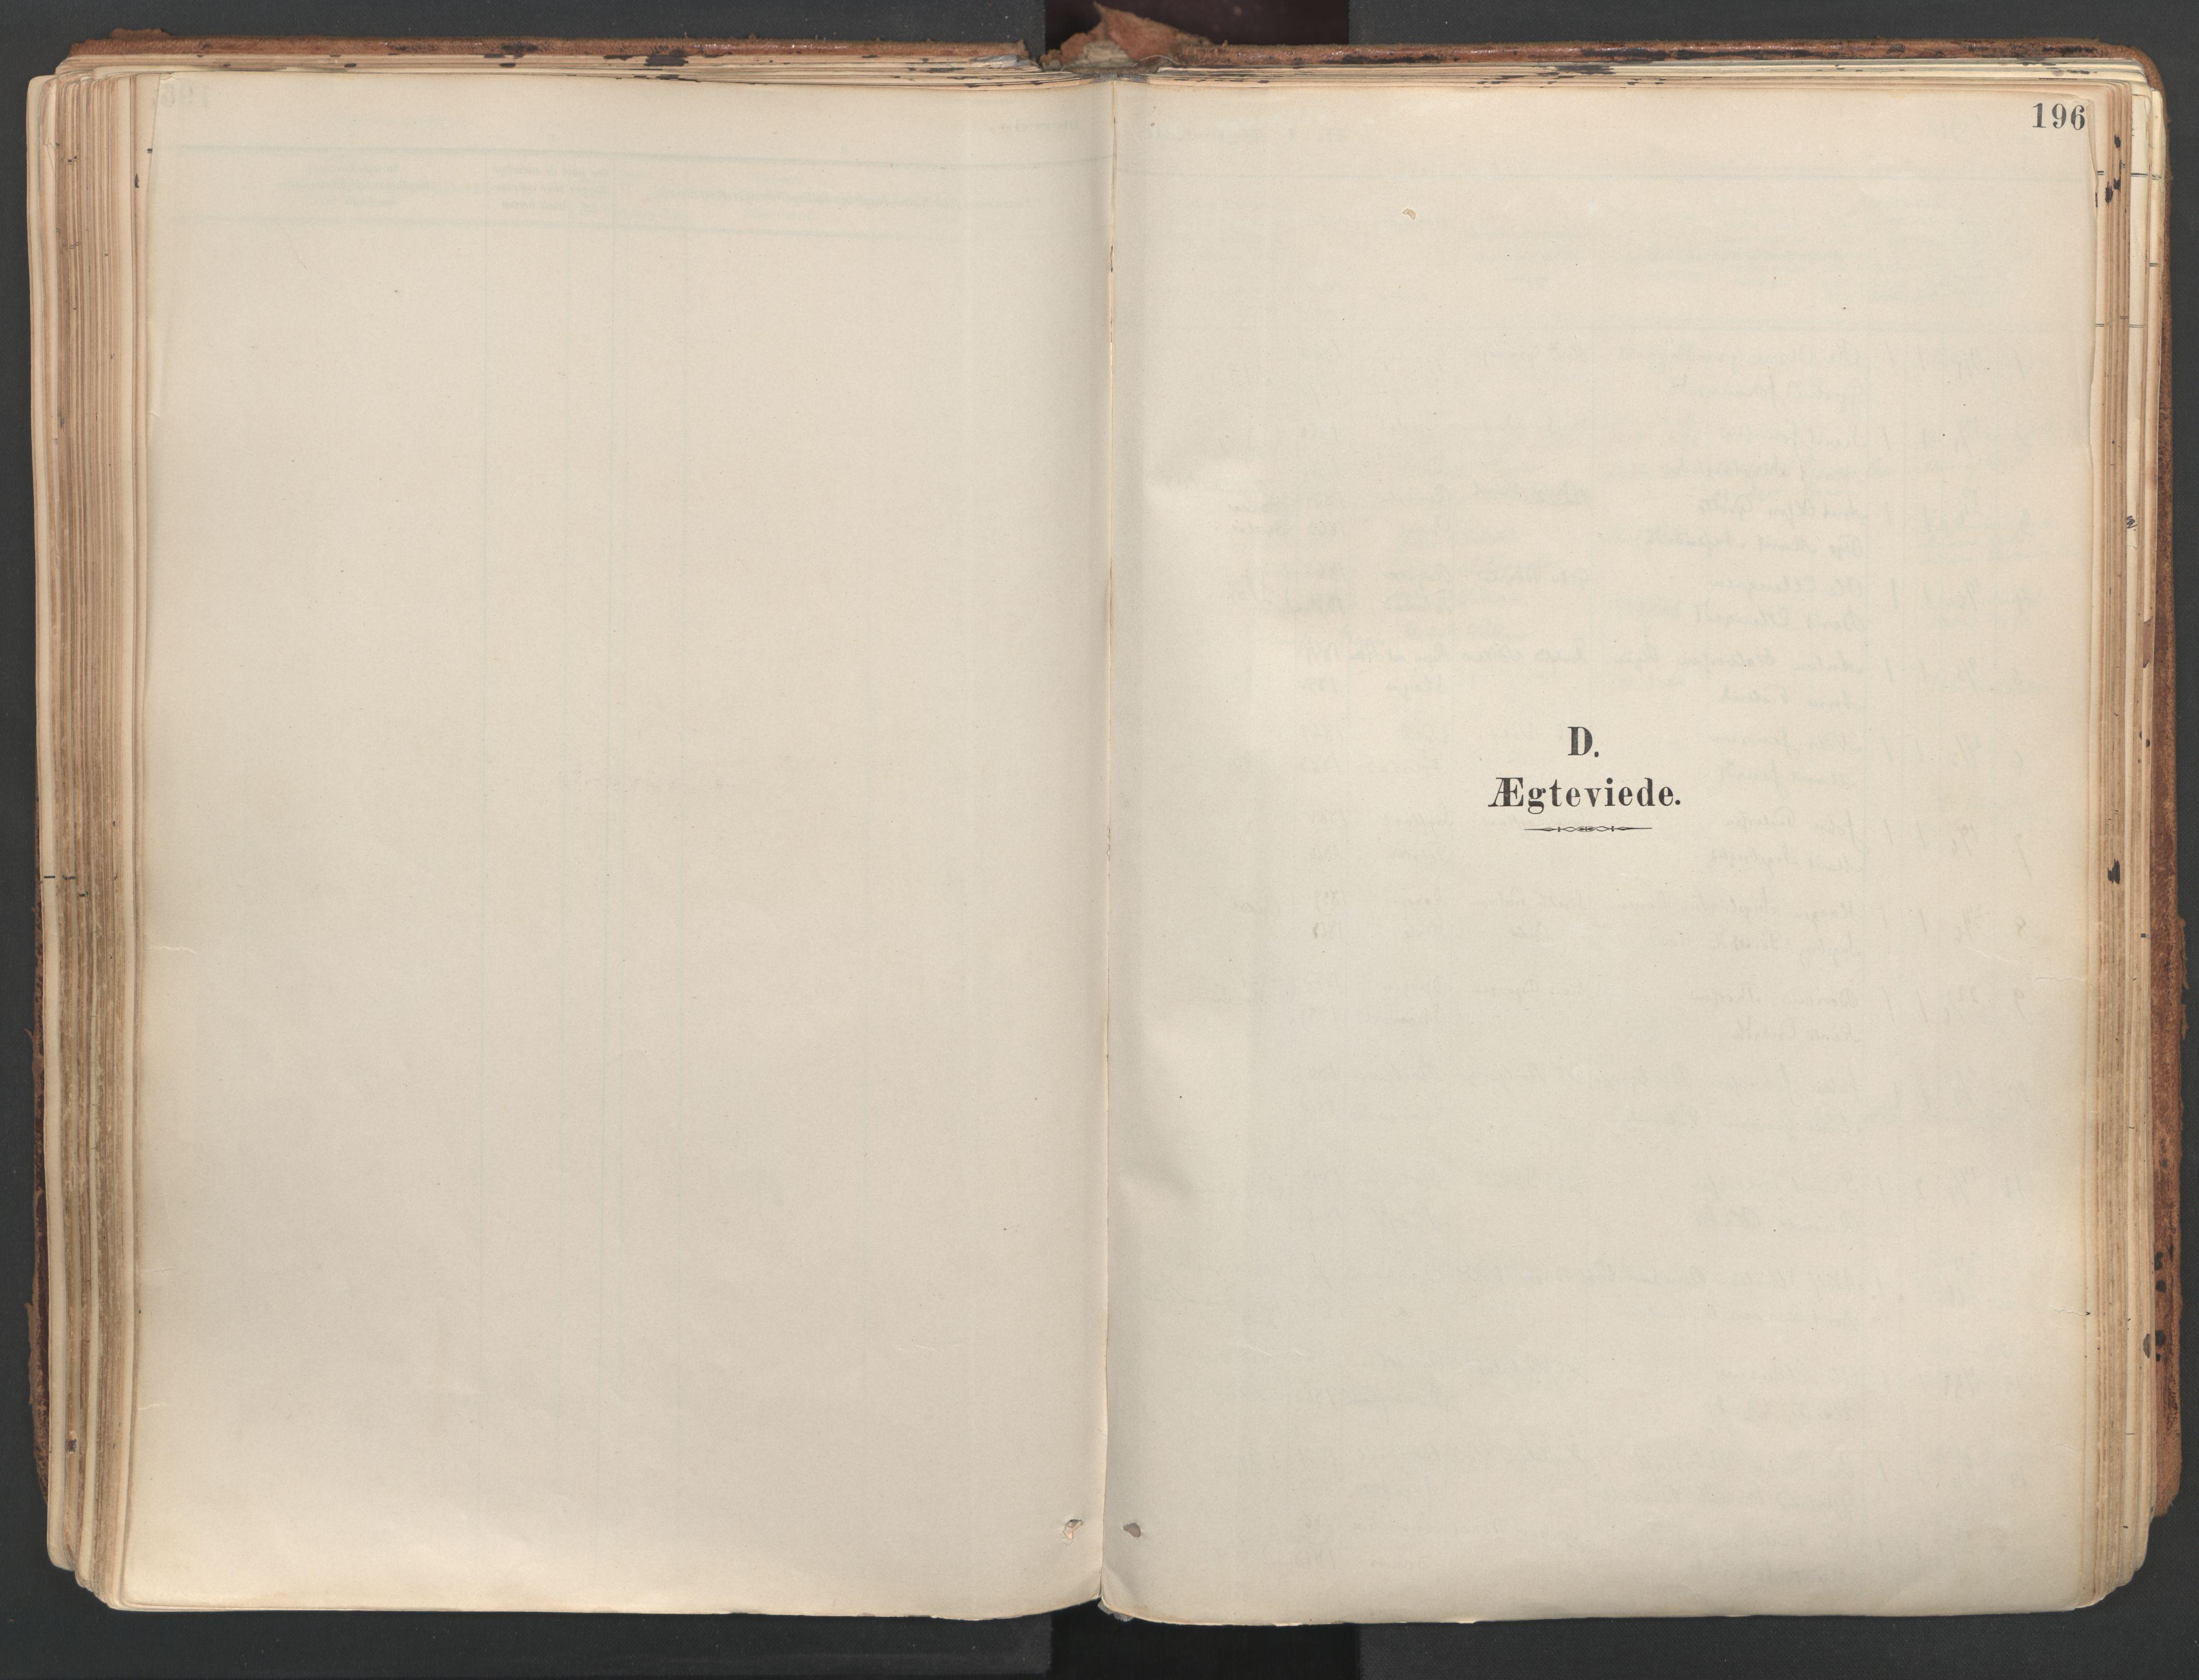 SAT, Ministerialprotokoller, klokkerbøker og fødselsregistre - Sør-Trøndelag, 687/L1004: Ministerialbok nr. 687A10, 1891-1923, s. 196